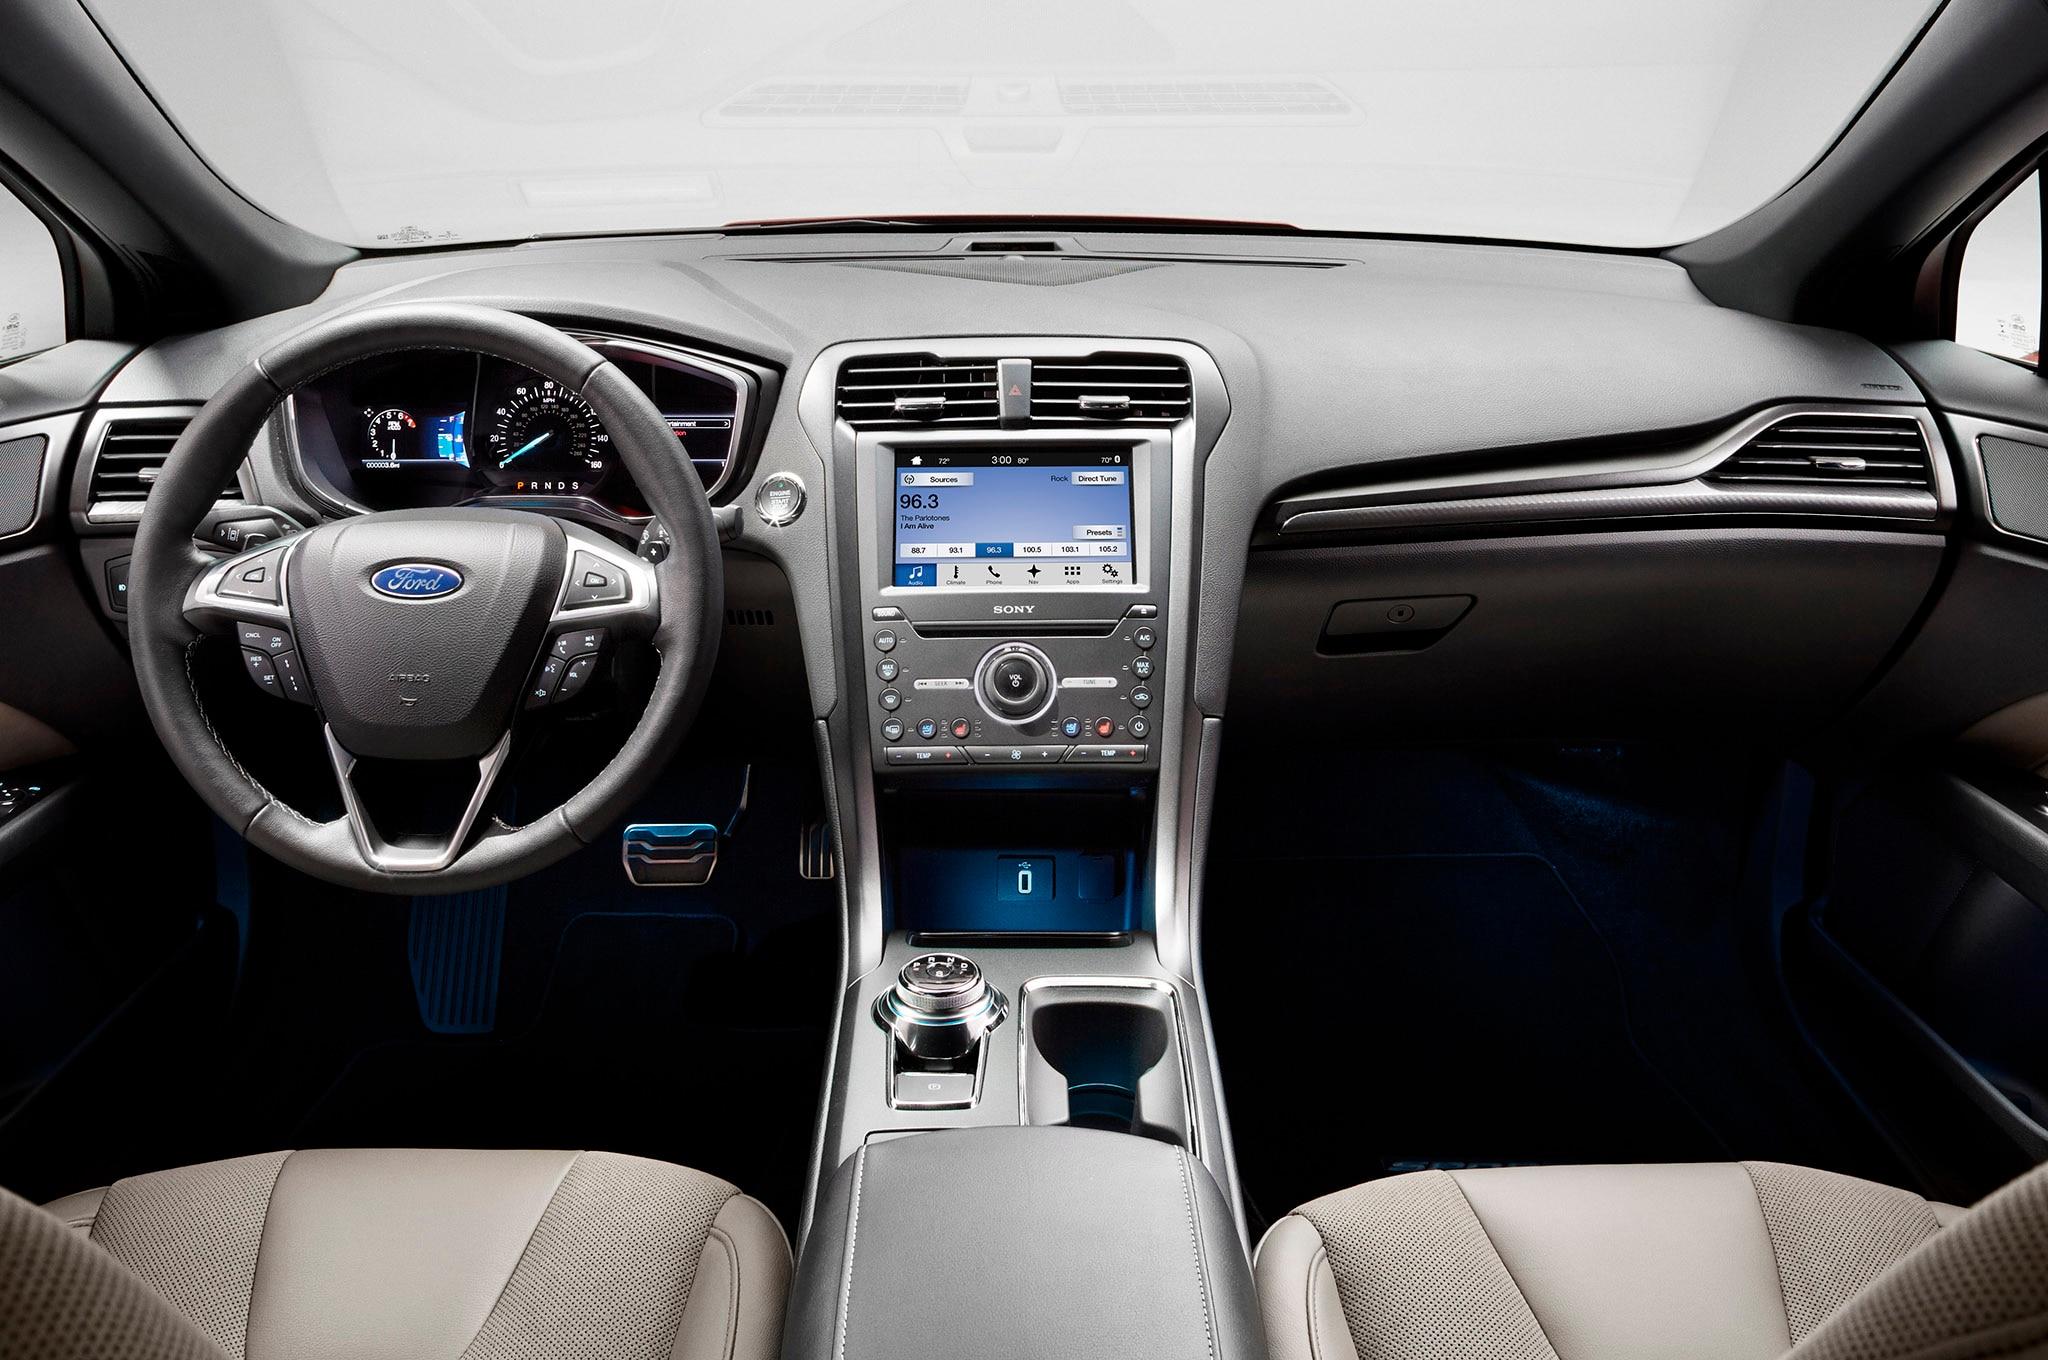 2017 ford fusion refreshed for detroit adds 325 hp v6 sport model. Black Bedroom Furniture Sets. Home Design Ideas